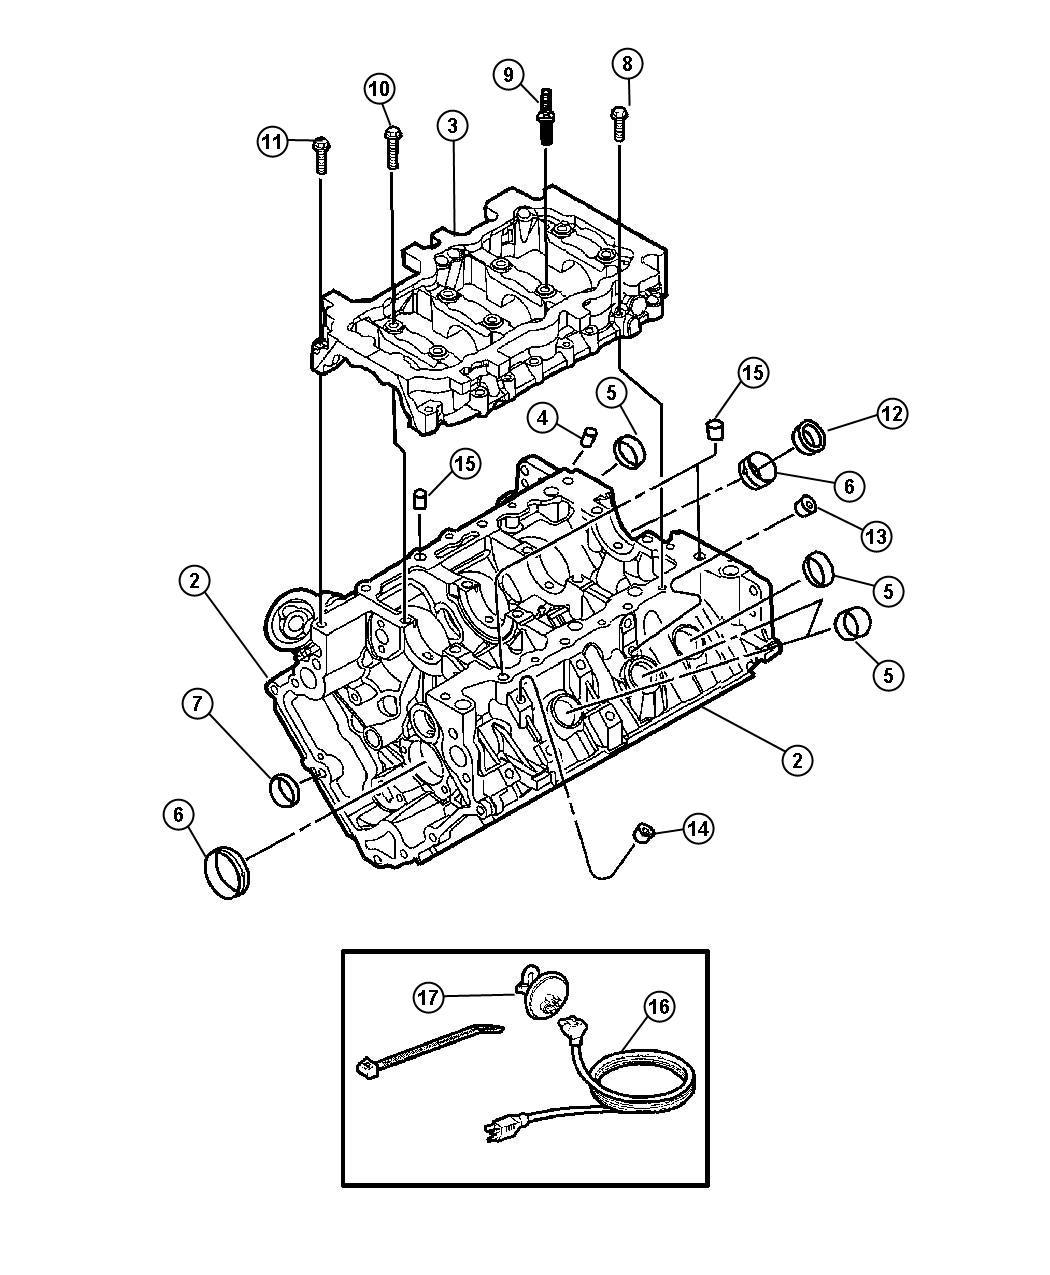 2006 jeep commander engine long block remanufactured. Black Bedroom Furniture Sets. Home Design Ideas